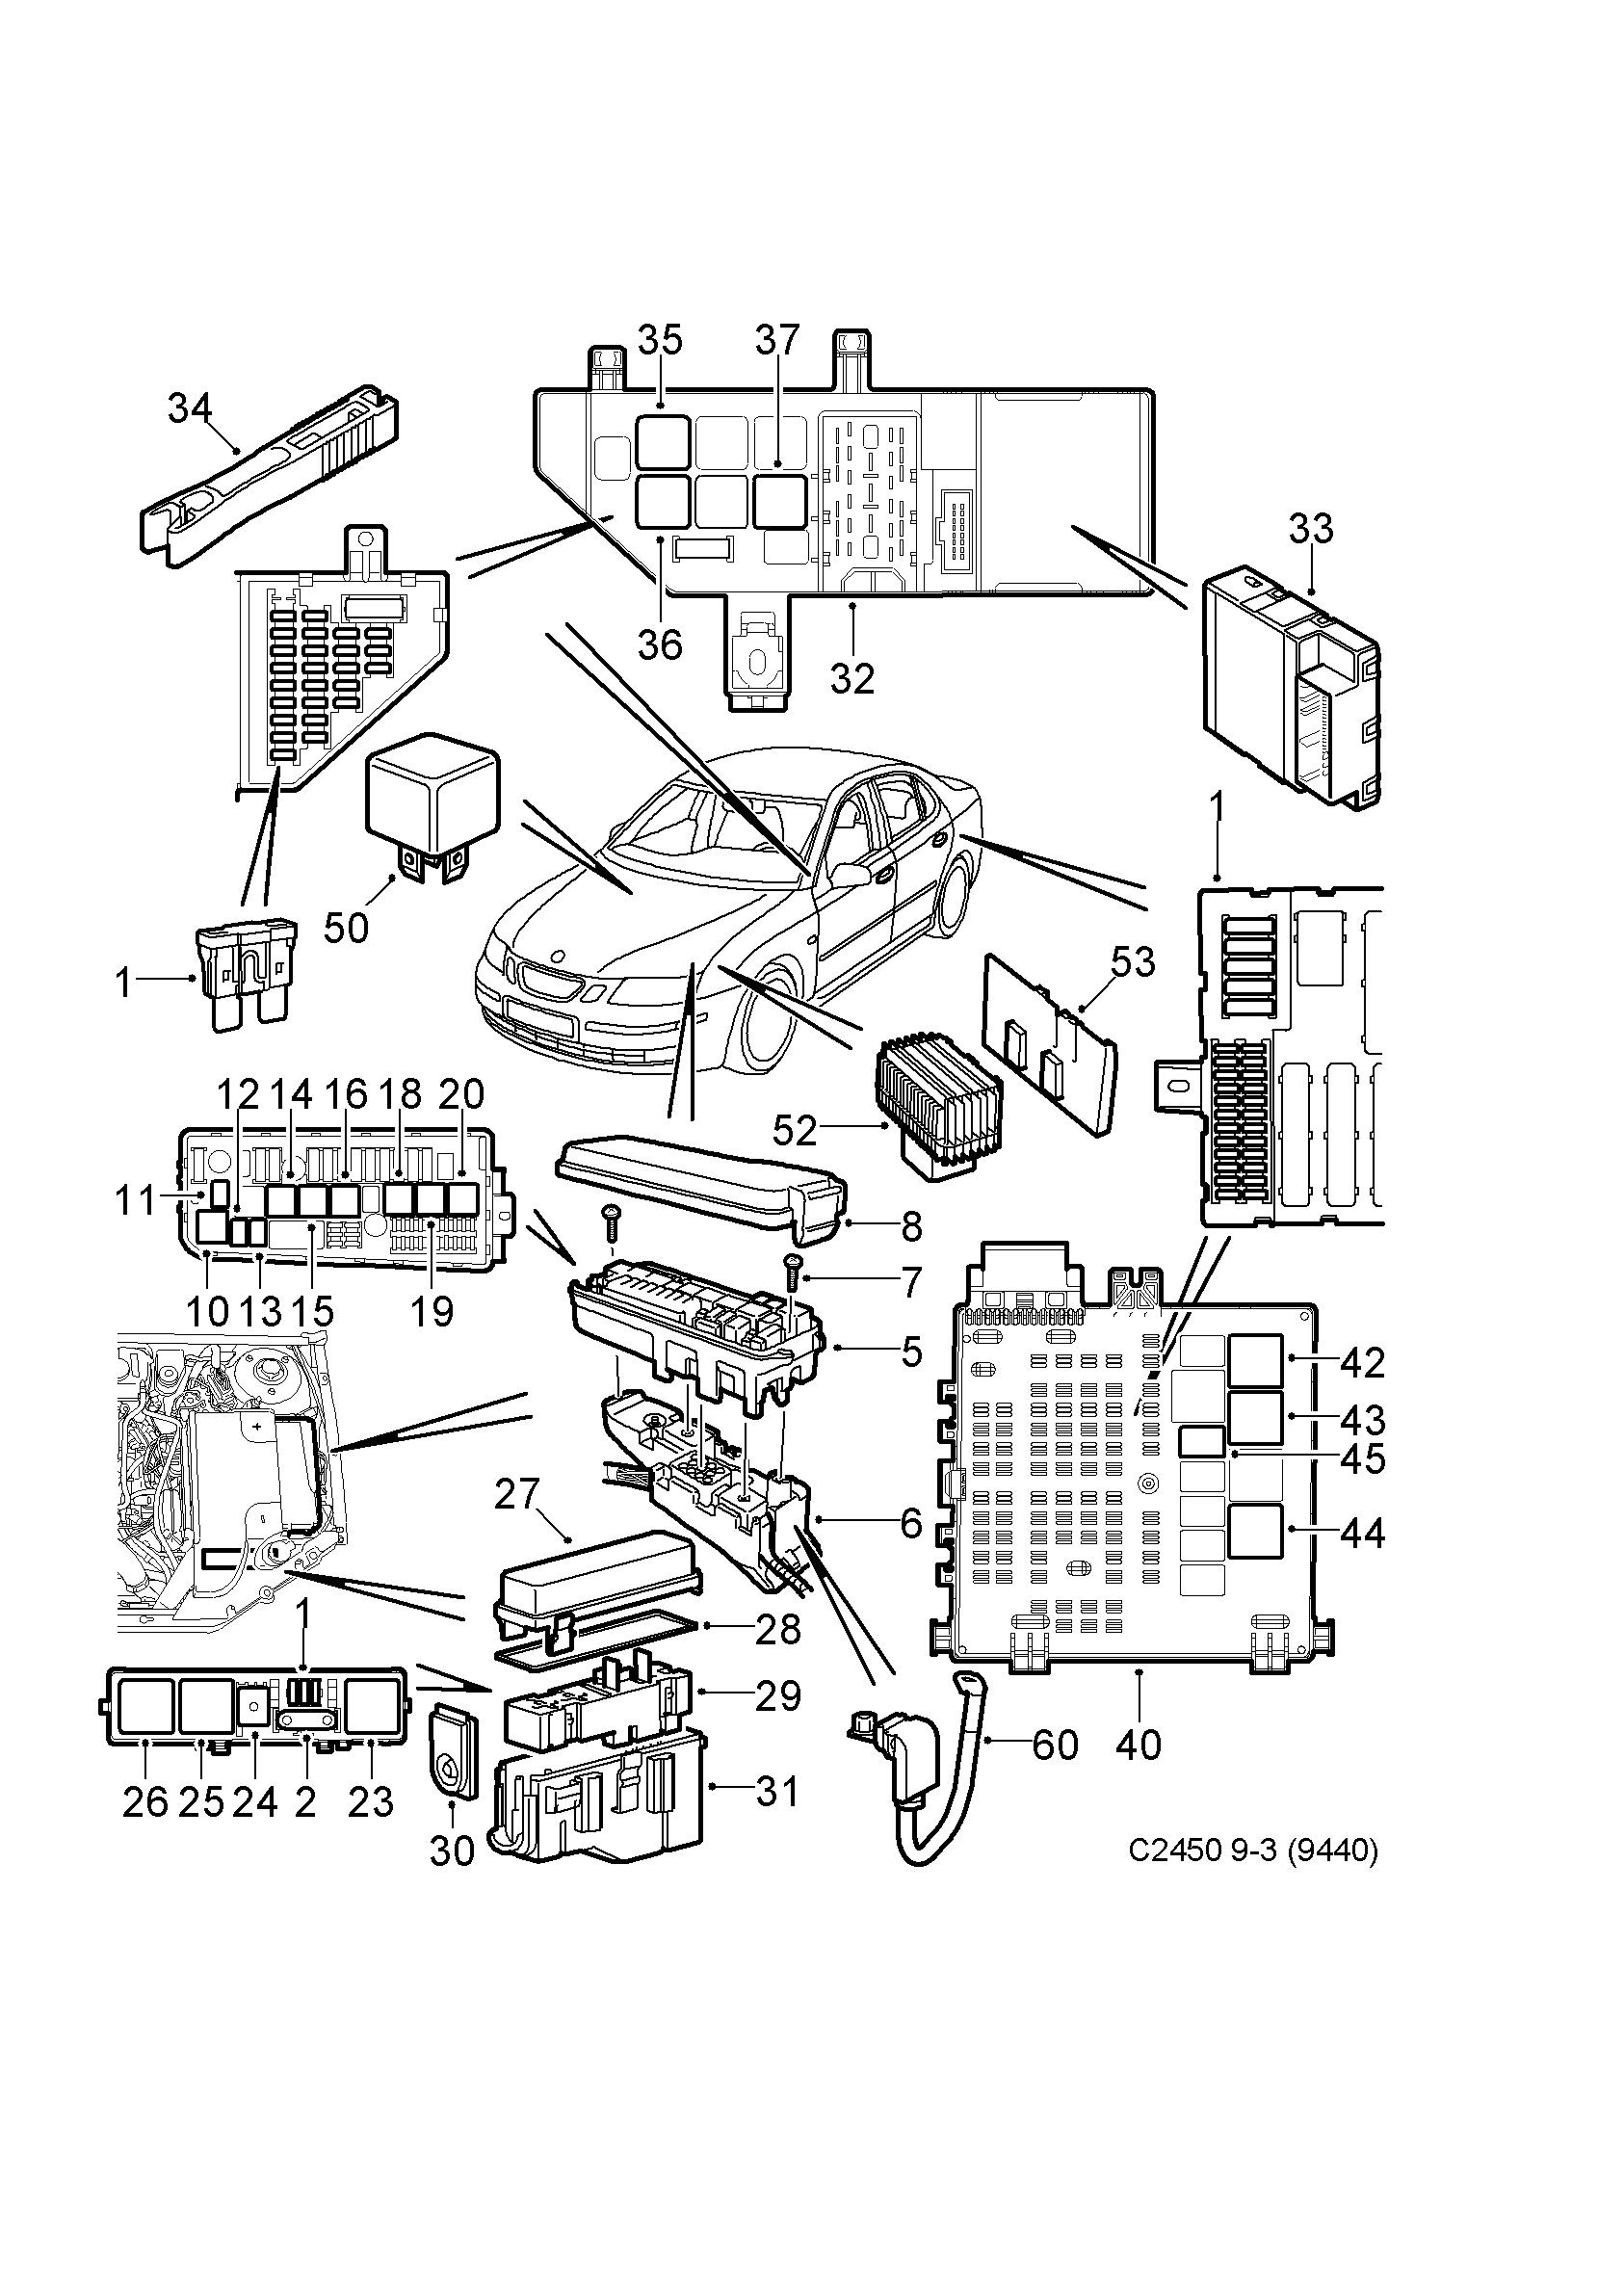 Saab 9-3 (9440) / Verzeichnis Autoteilen EPC